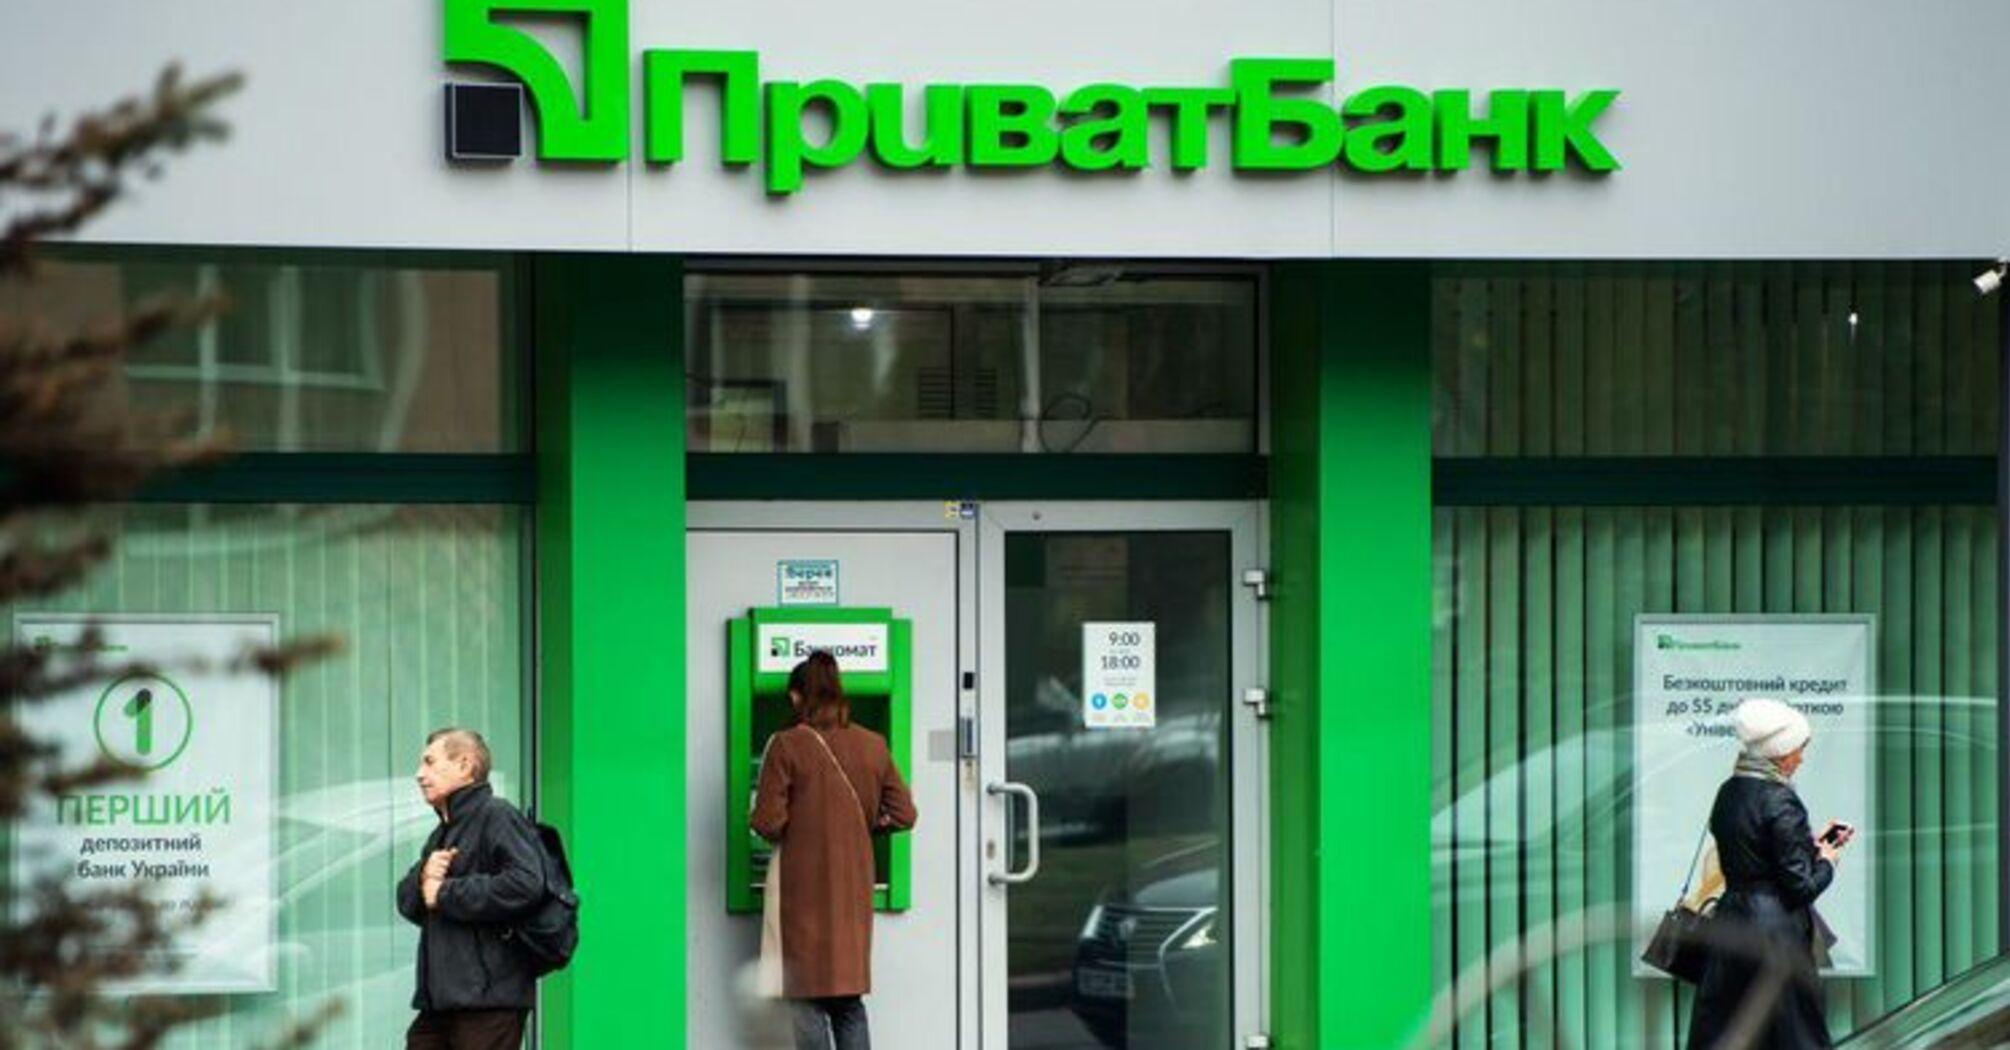 В Приватбанке прокомментировали проблемы с идентификацией